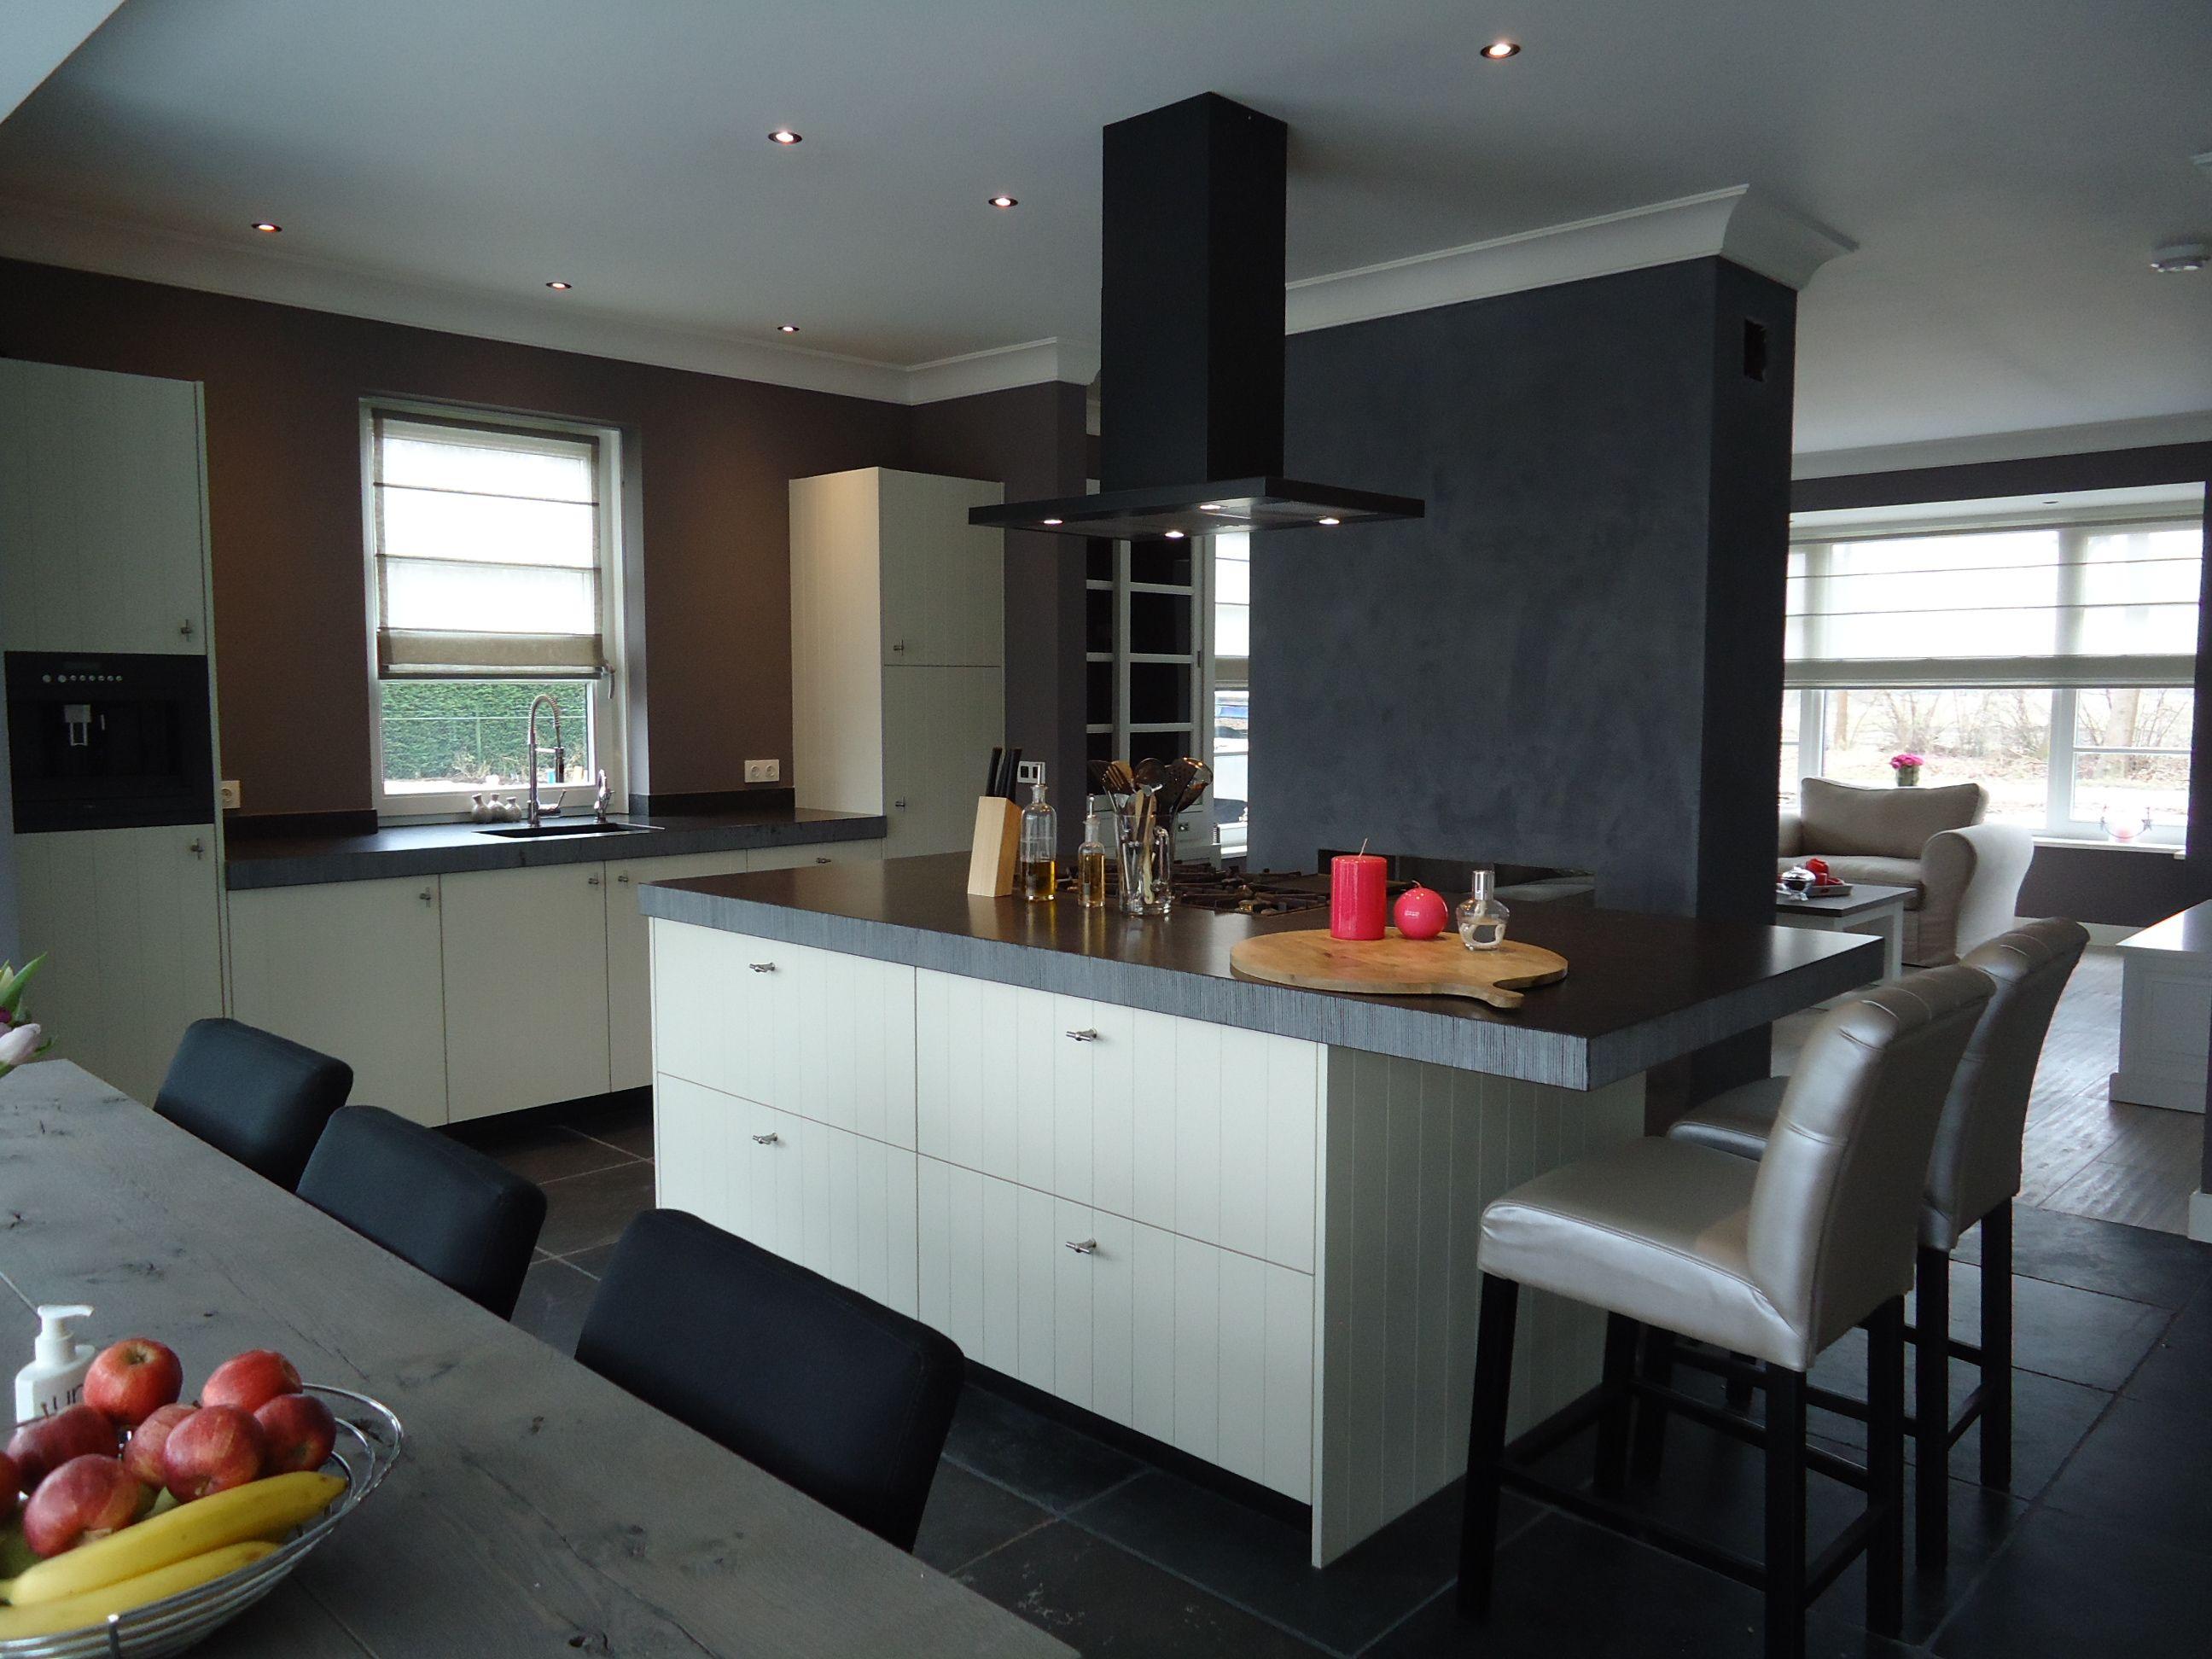 Wit Stoere Keuken : Stoere keuken zwart wit met keramisch werkblad en